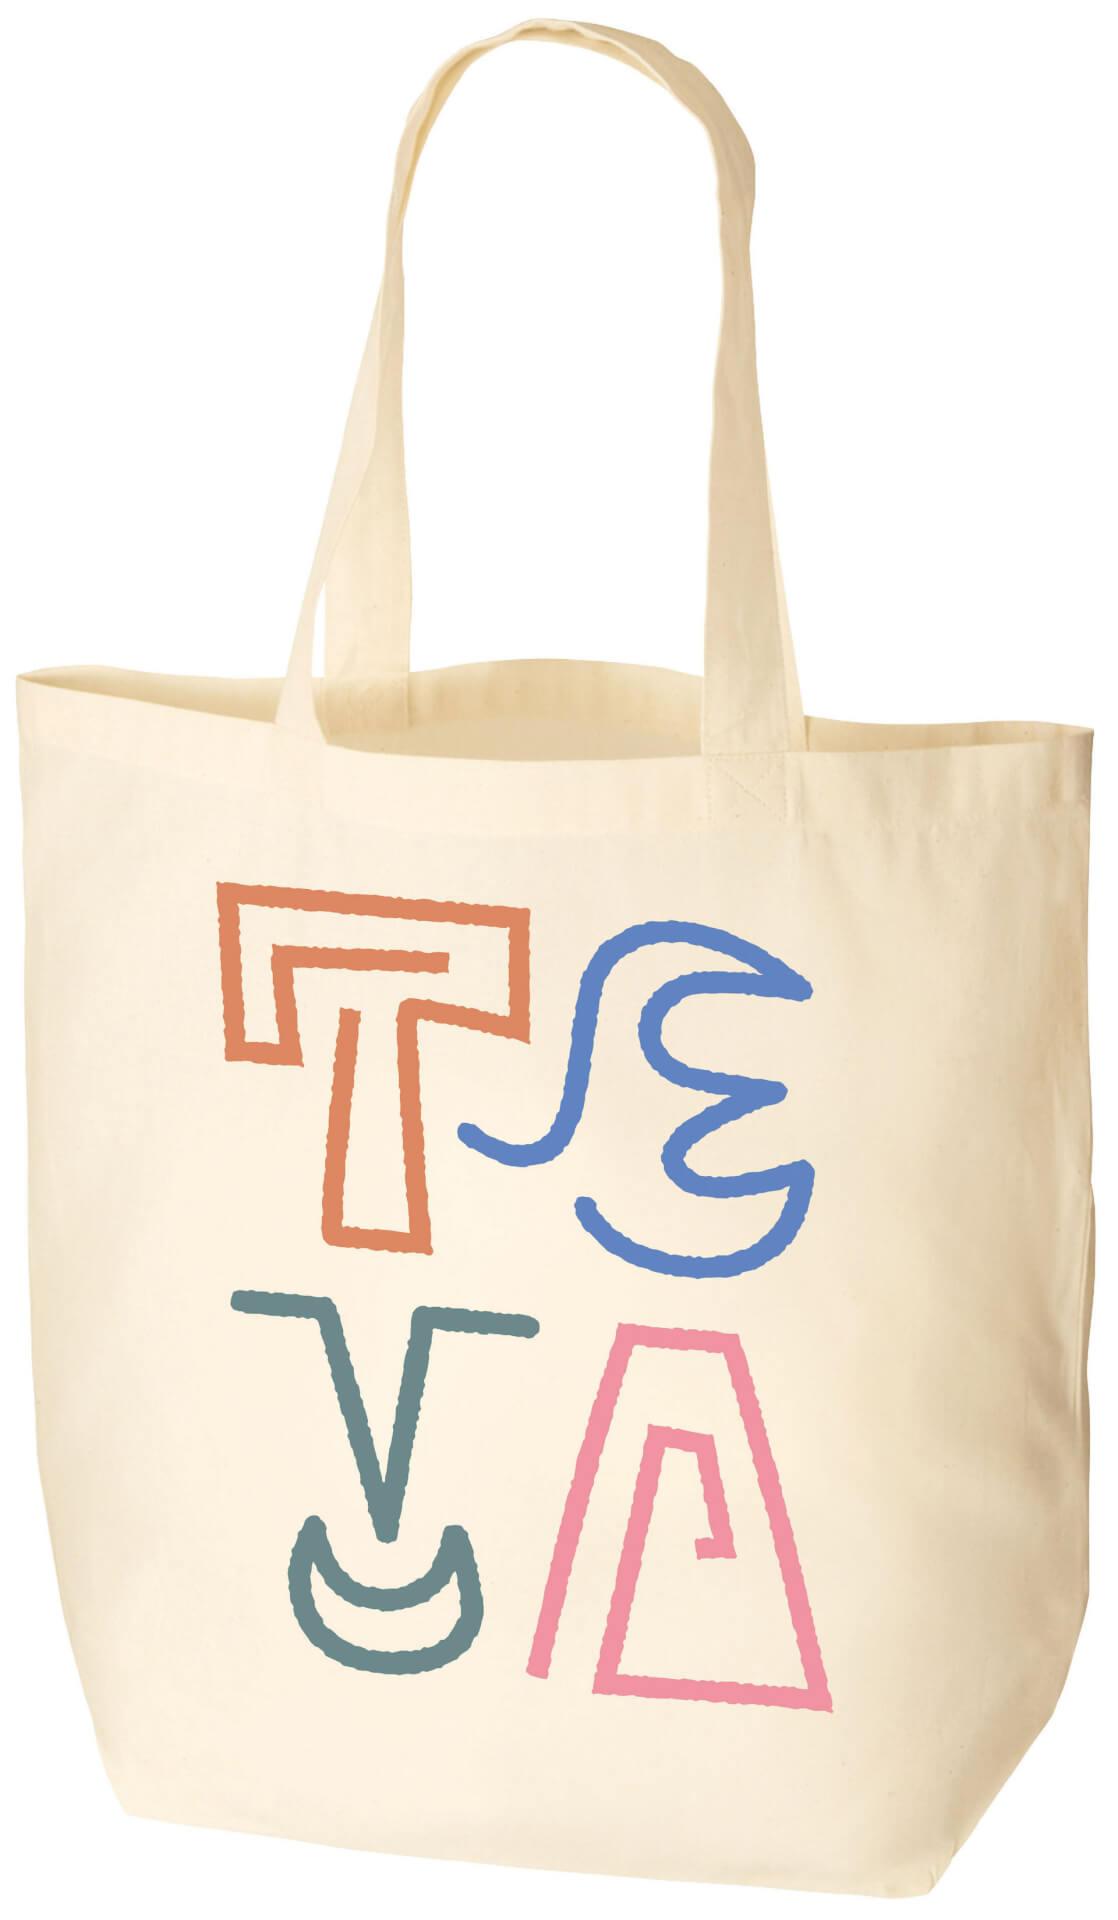 Tevaのアイテムをコーディネートした写真をInstagramに投稿して冒険の旅へ!<STRAP IN TO FREEDOM #テバと冒険>スタート life200228_teva_1